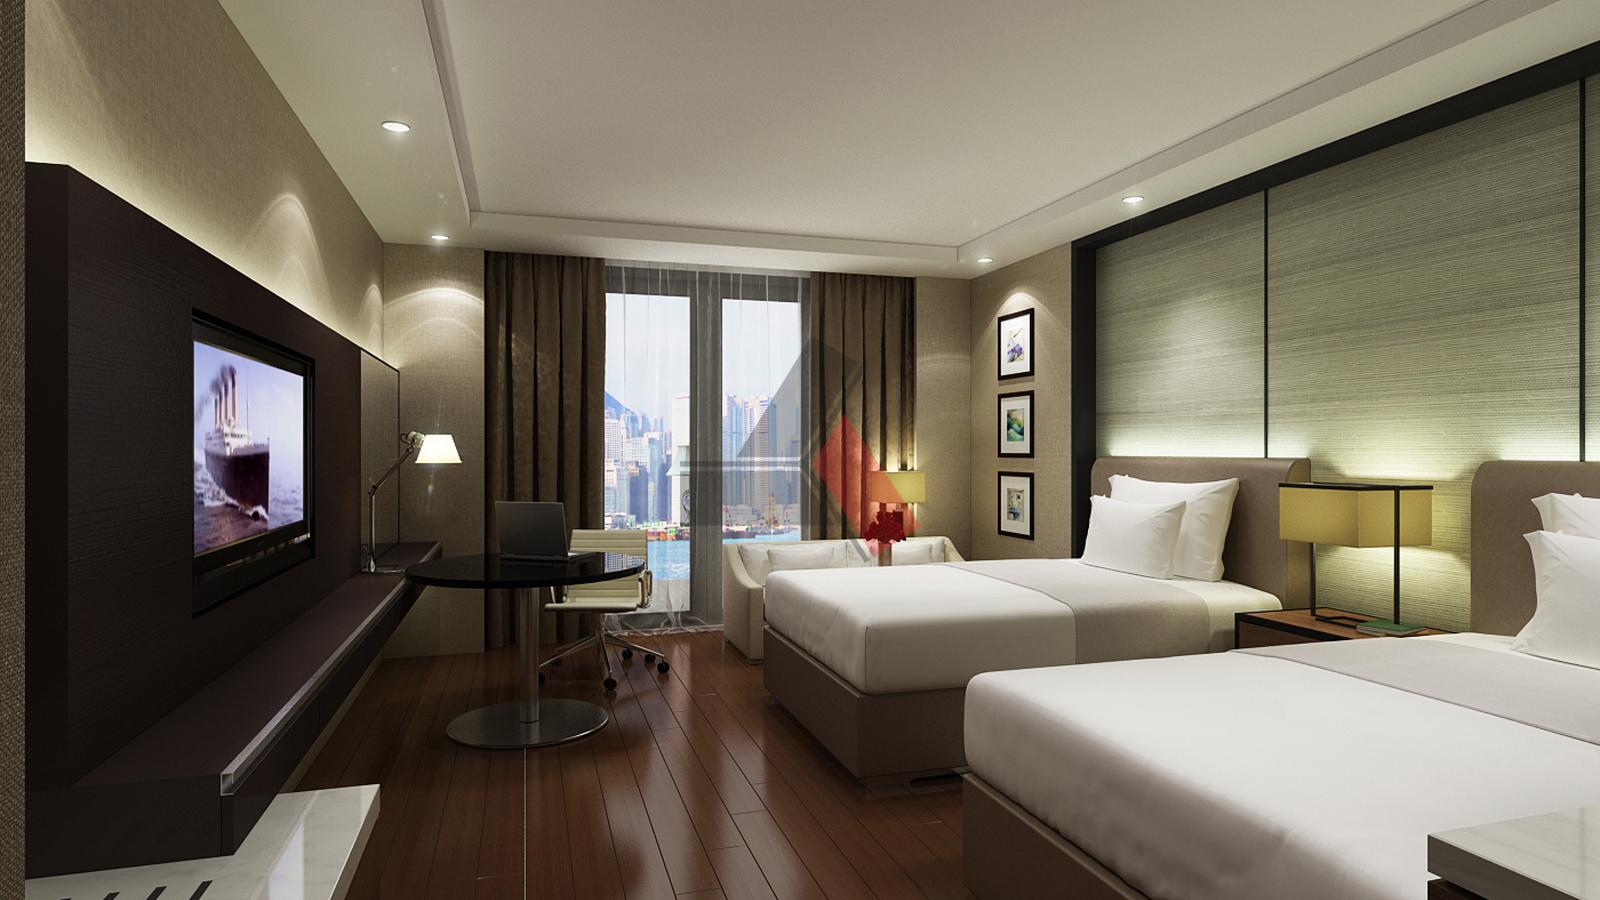 Dự án thiết kế nội thất khách sạn Mockup Grand Hotel